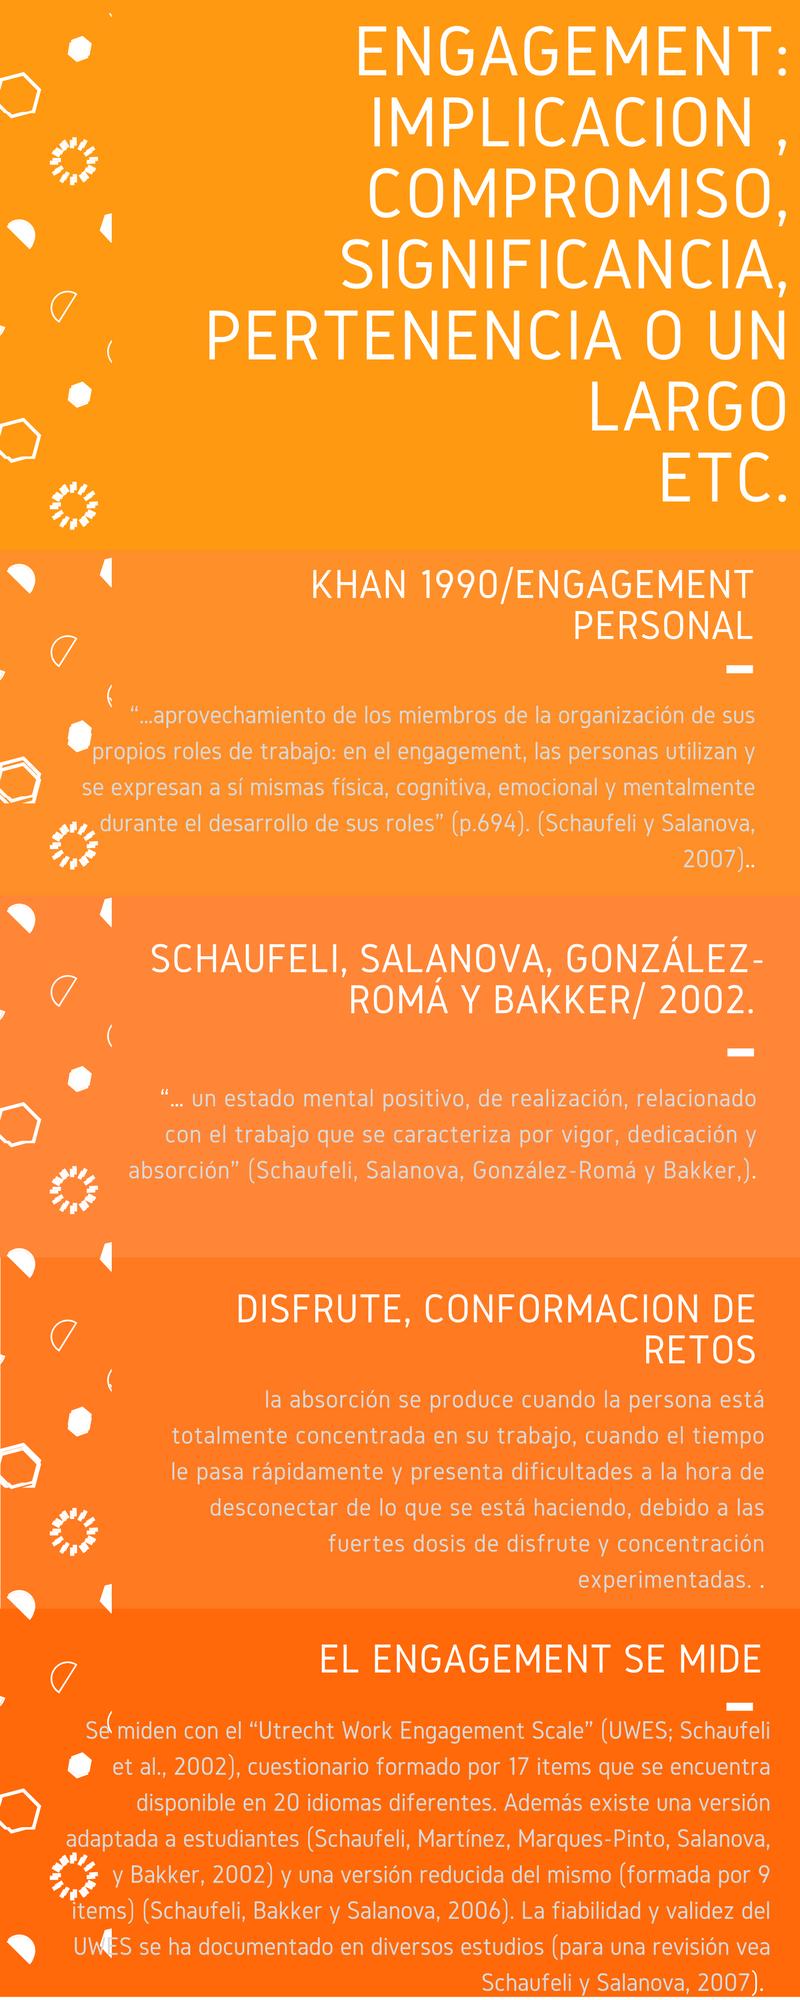 Engagement para las marcas o para los aprendizajes?